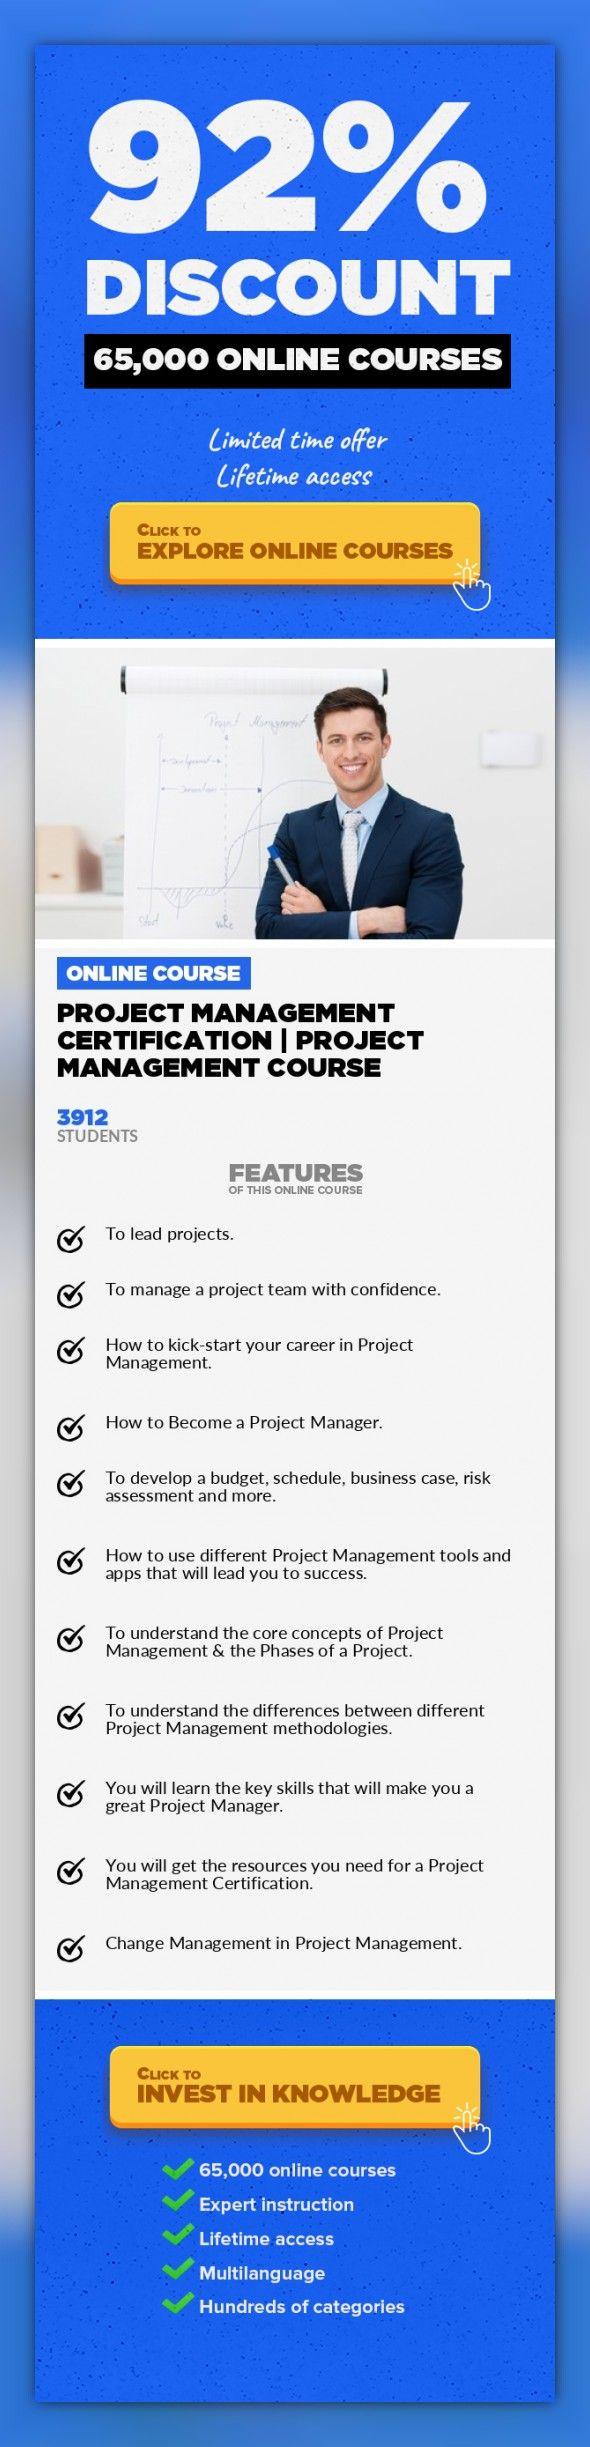 Project Management Certification Project Management Course Project